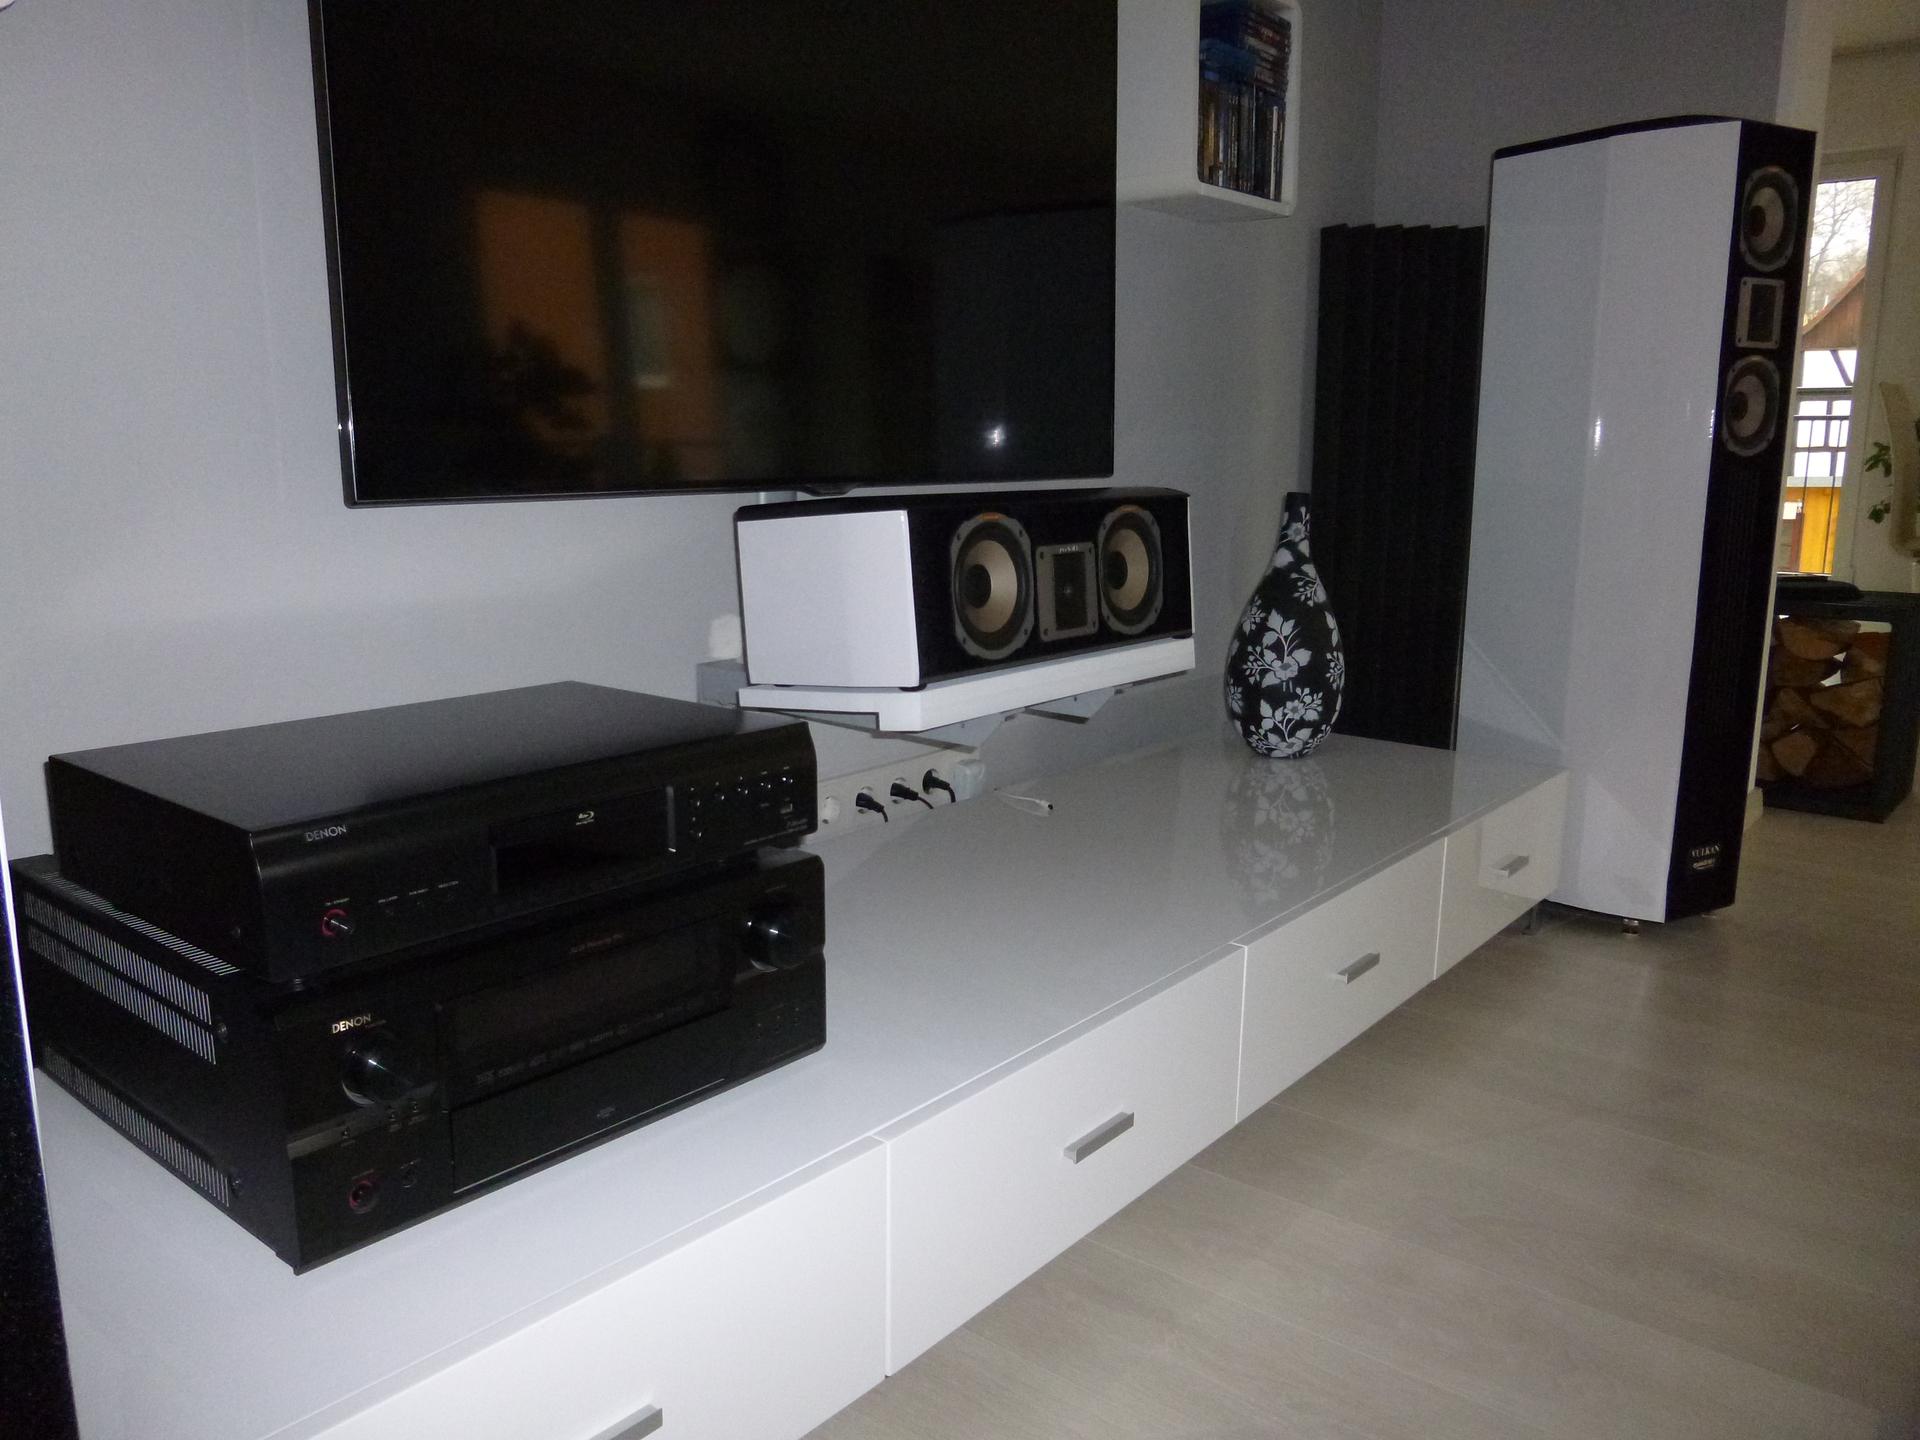 grundriss wohnzimmer grundriss grundrisswohnzimmer wohnzimmer hifi bildergalerie. Black Bedroom Furniture Sets. Home Design Ideas